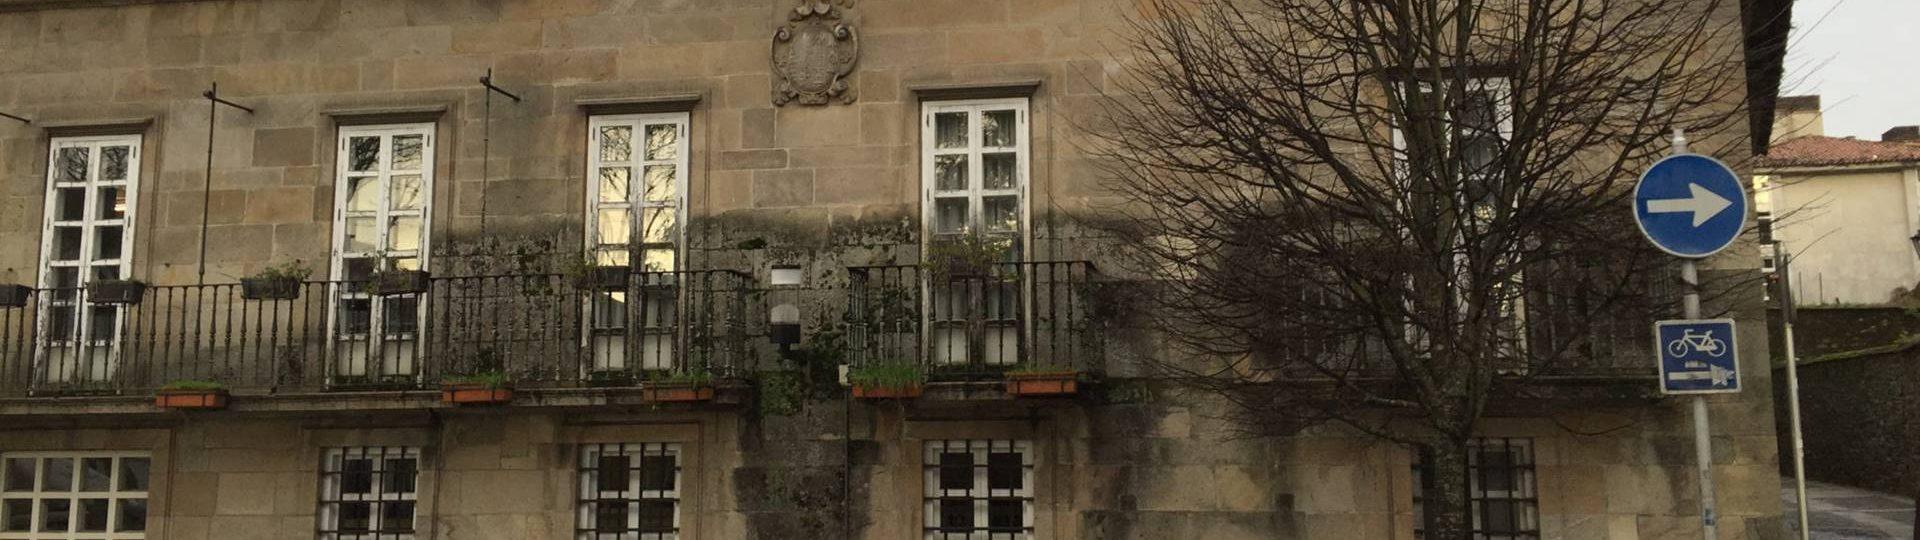 Sustitución de las carpinterías exteriores y vidros de la residencia de mayores de Porta do Camiño